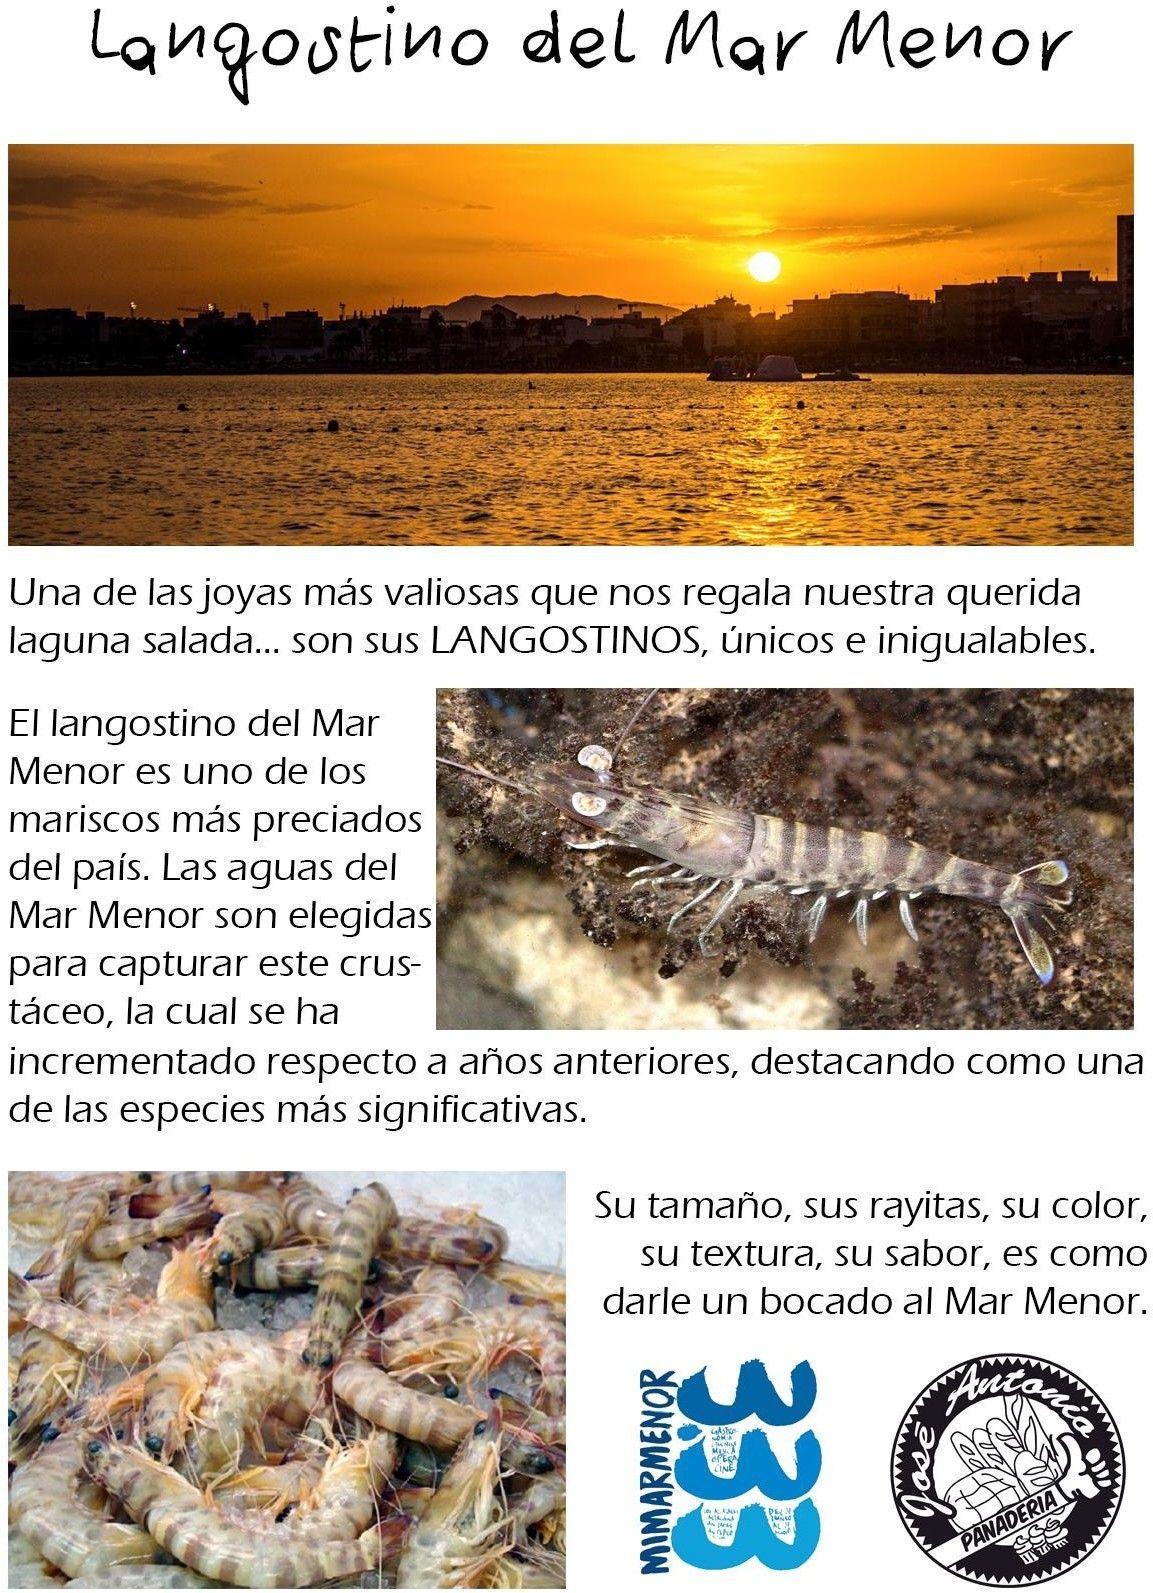 El Langostino Dulce del Mar Menor2